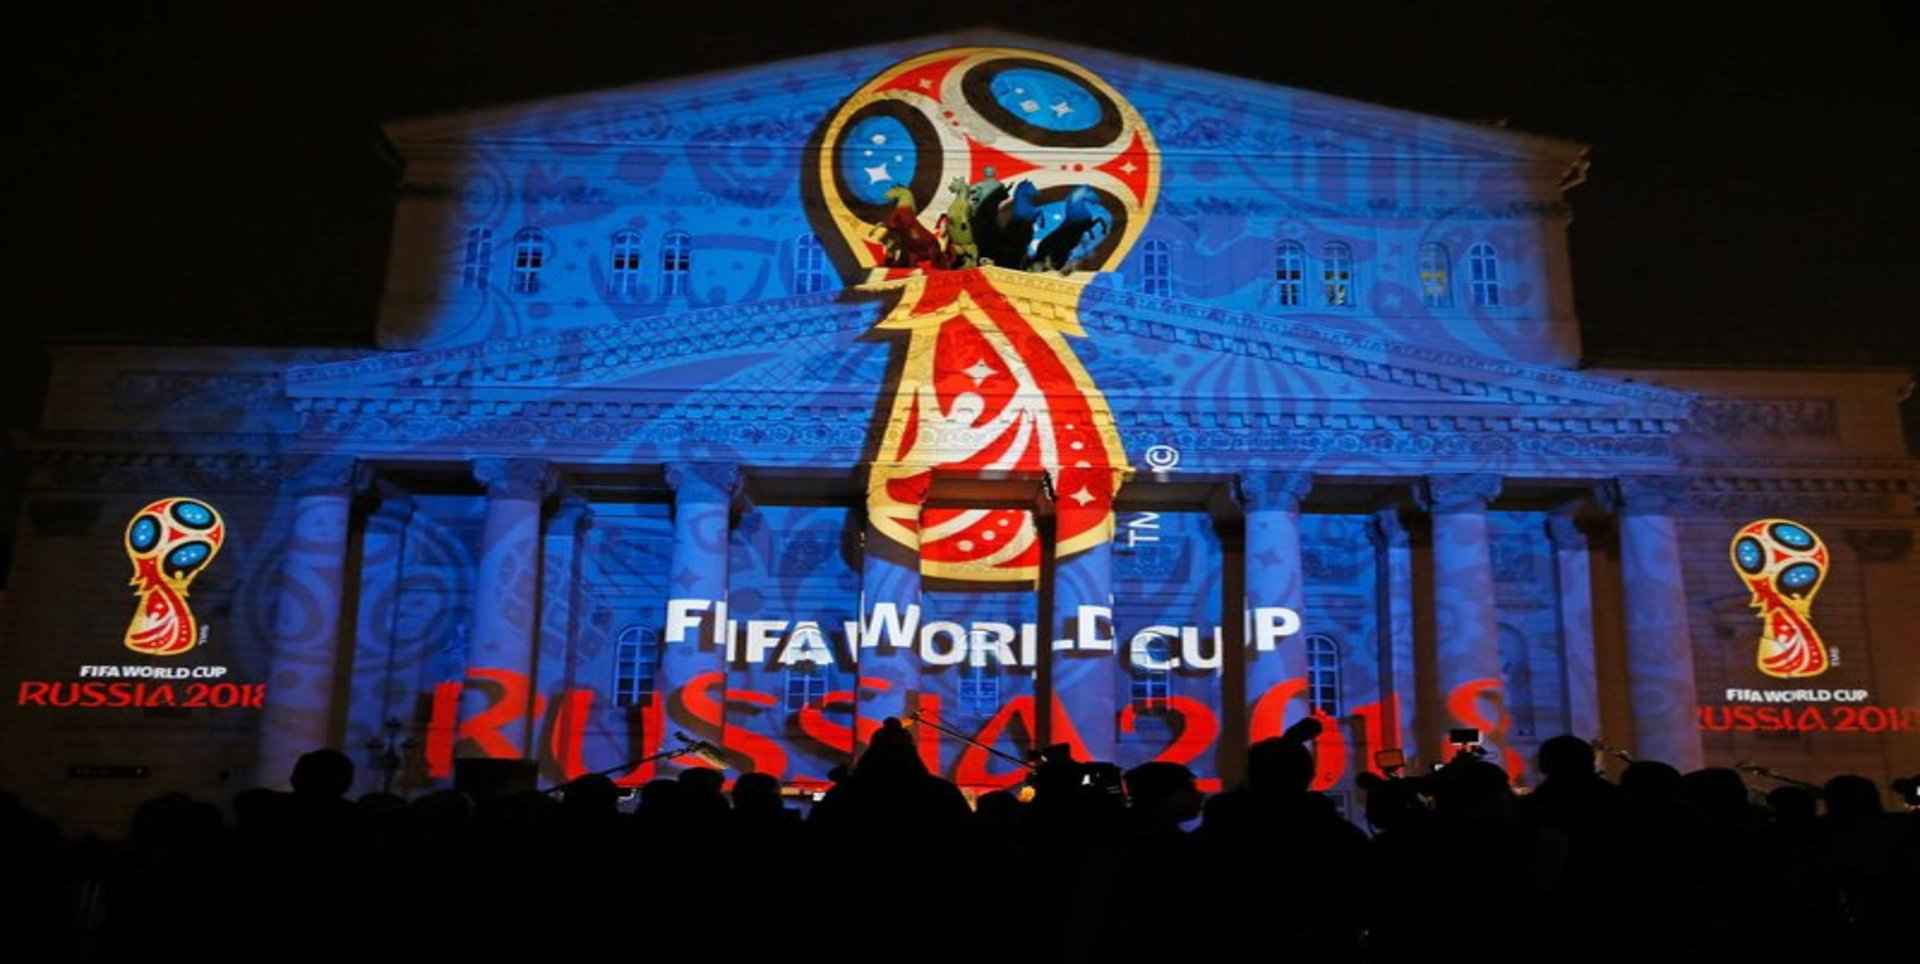 FIFA WC Luxembourg VS Bulgaria Live